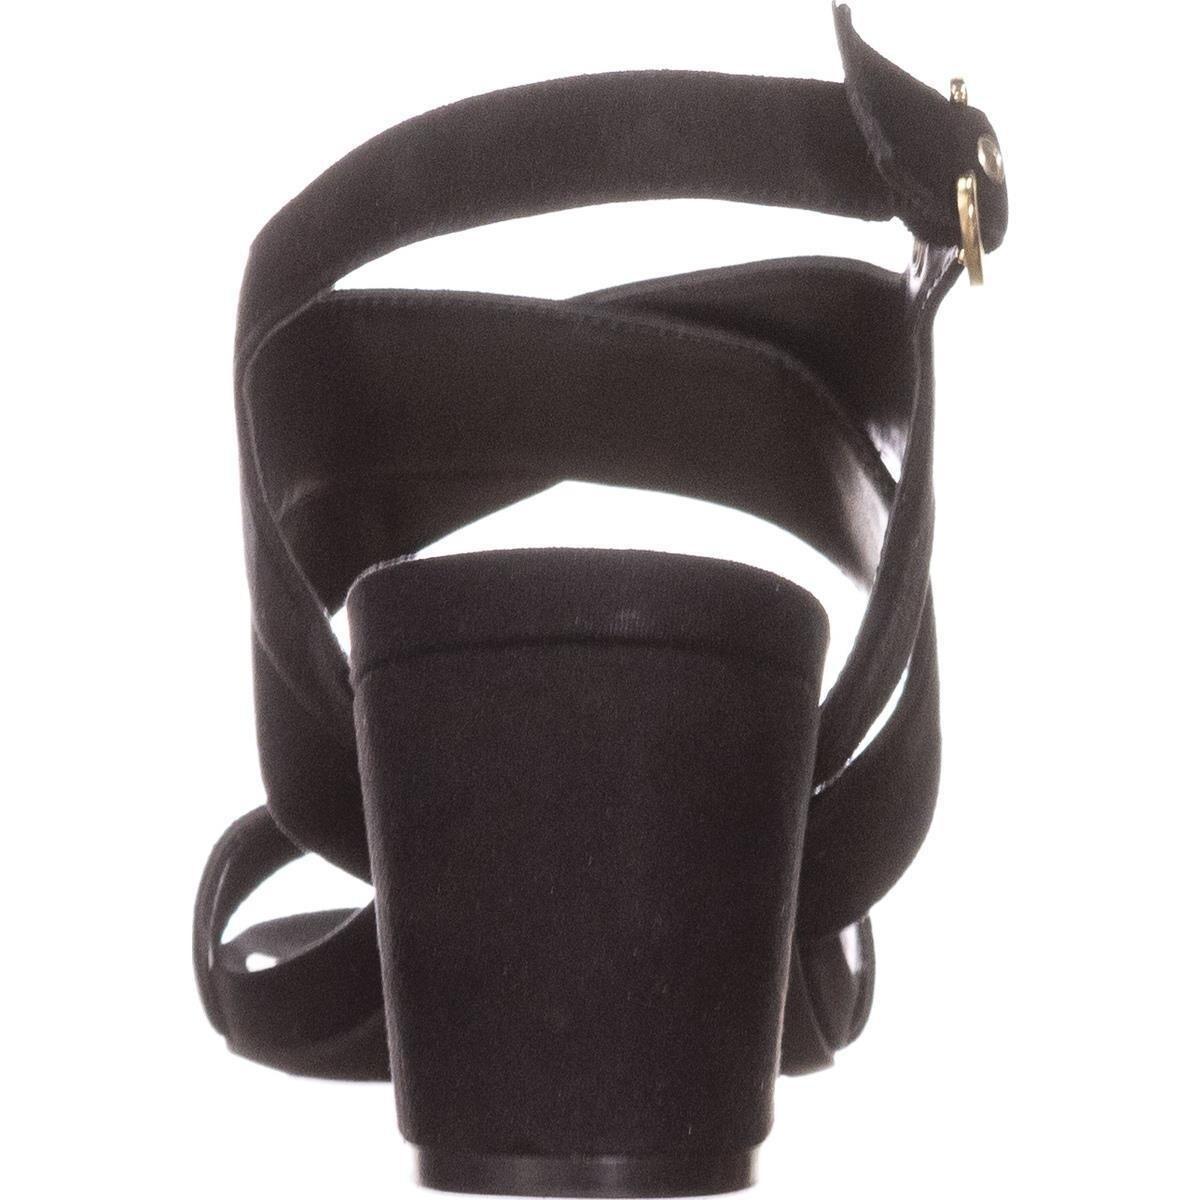 e9a0038278d1 Shop A35 Regann Block-Heel Sandals